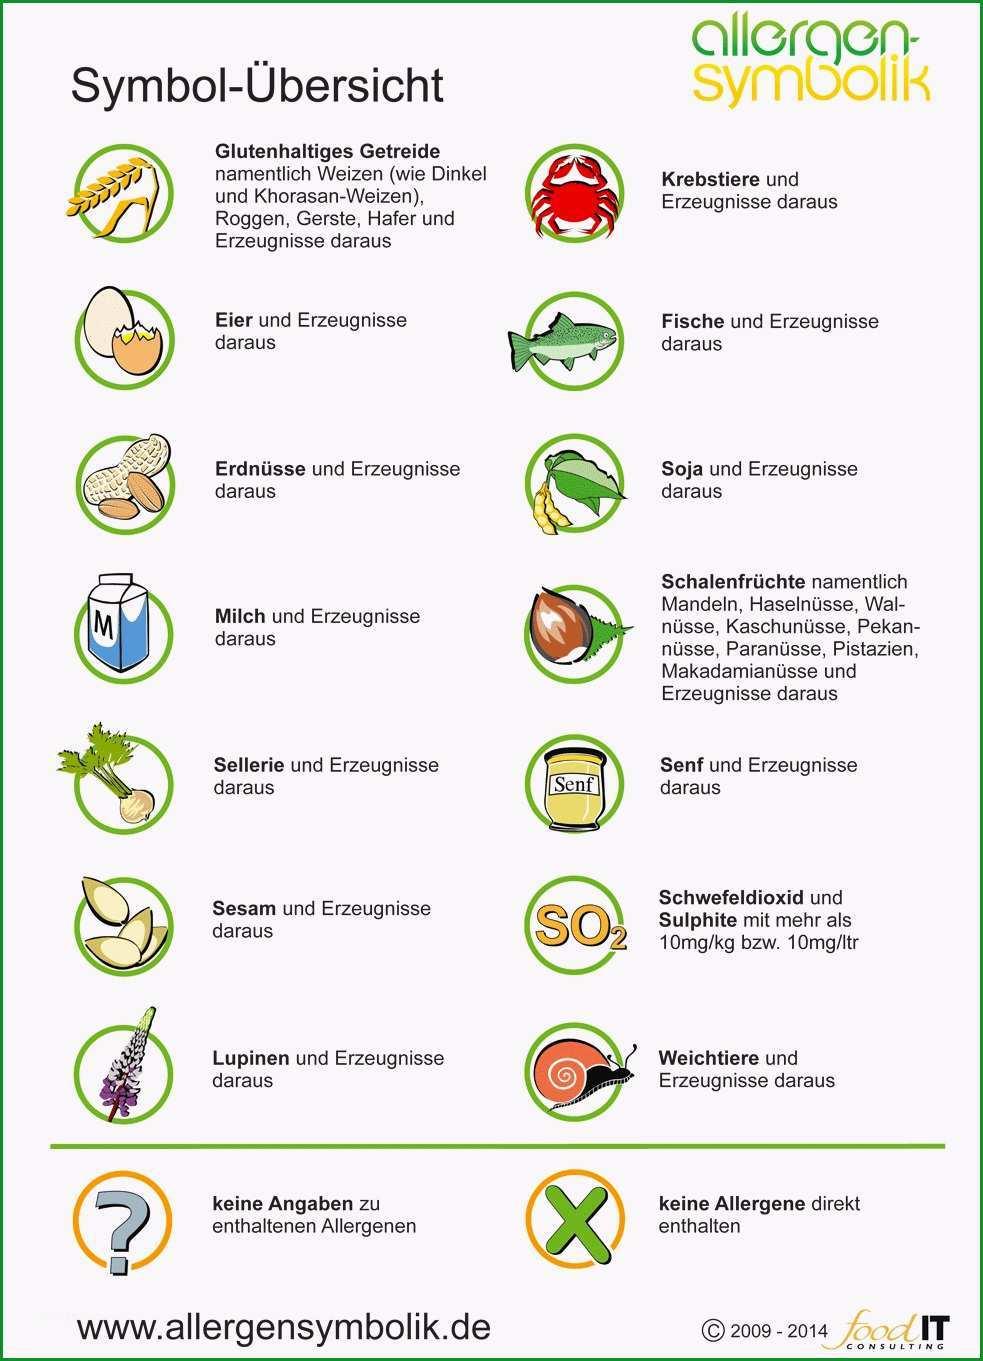 allergene gastronomie vorlage annehmbar allergenkennzeichnung gastronomie vorlage neu allergene beste vorlagen